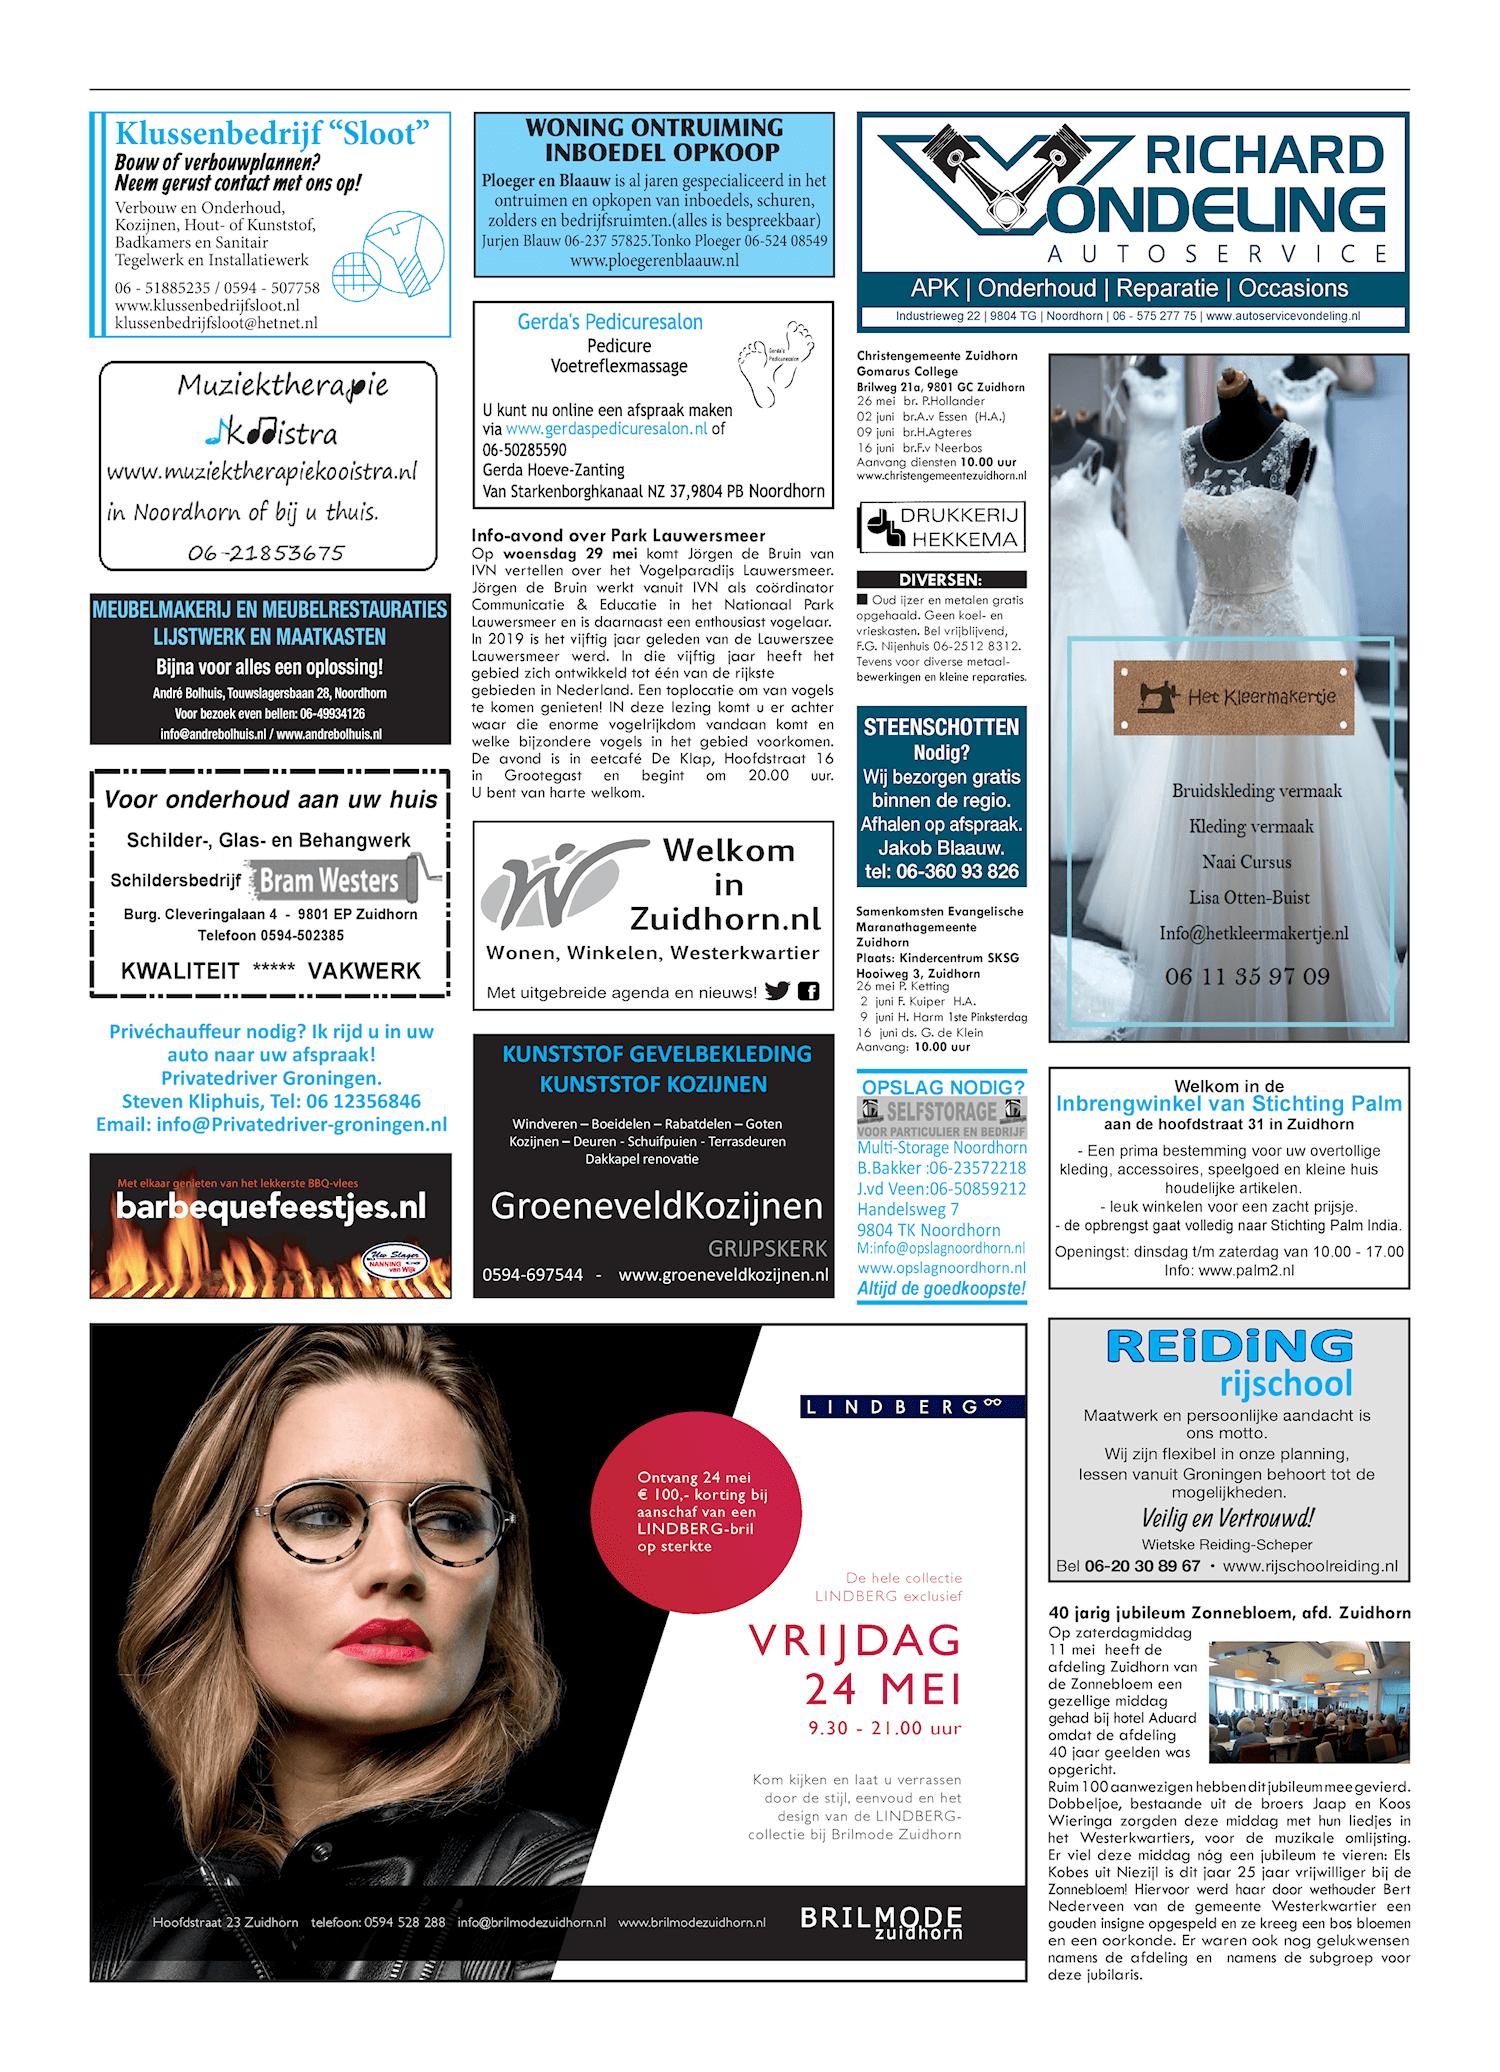 Drukkerij Hekkema - Zuidhorn - Zaken die uw aandacht vragen 2019 week 21